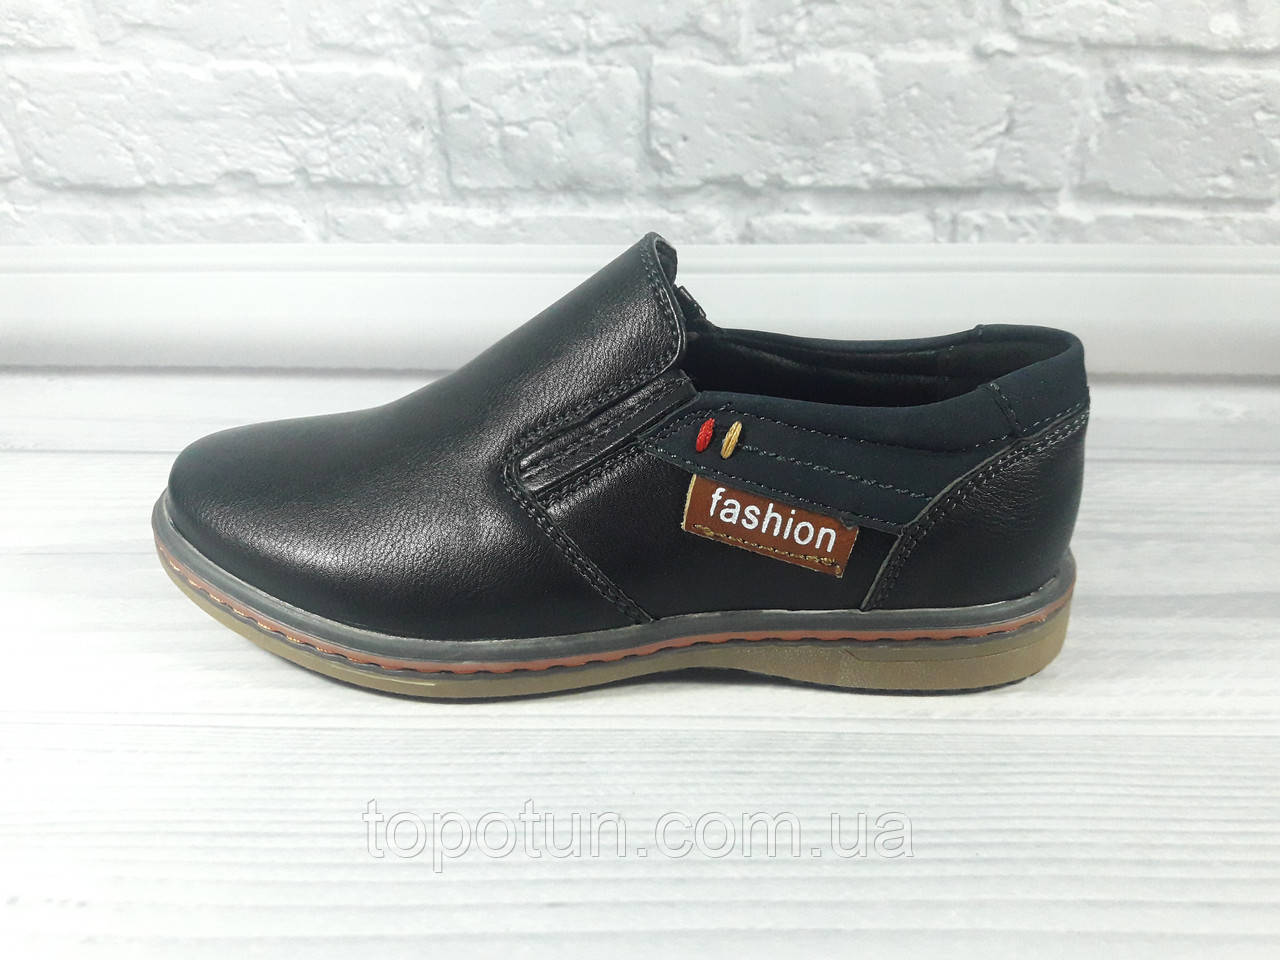 """Школьные туфли для мальчика """"Paliament"""" Размер: 27,32"""